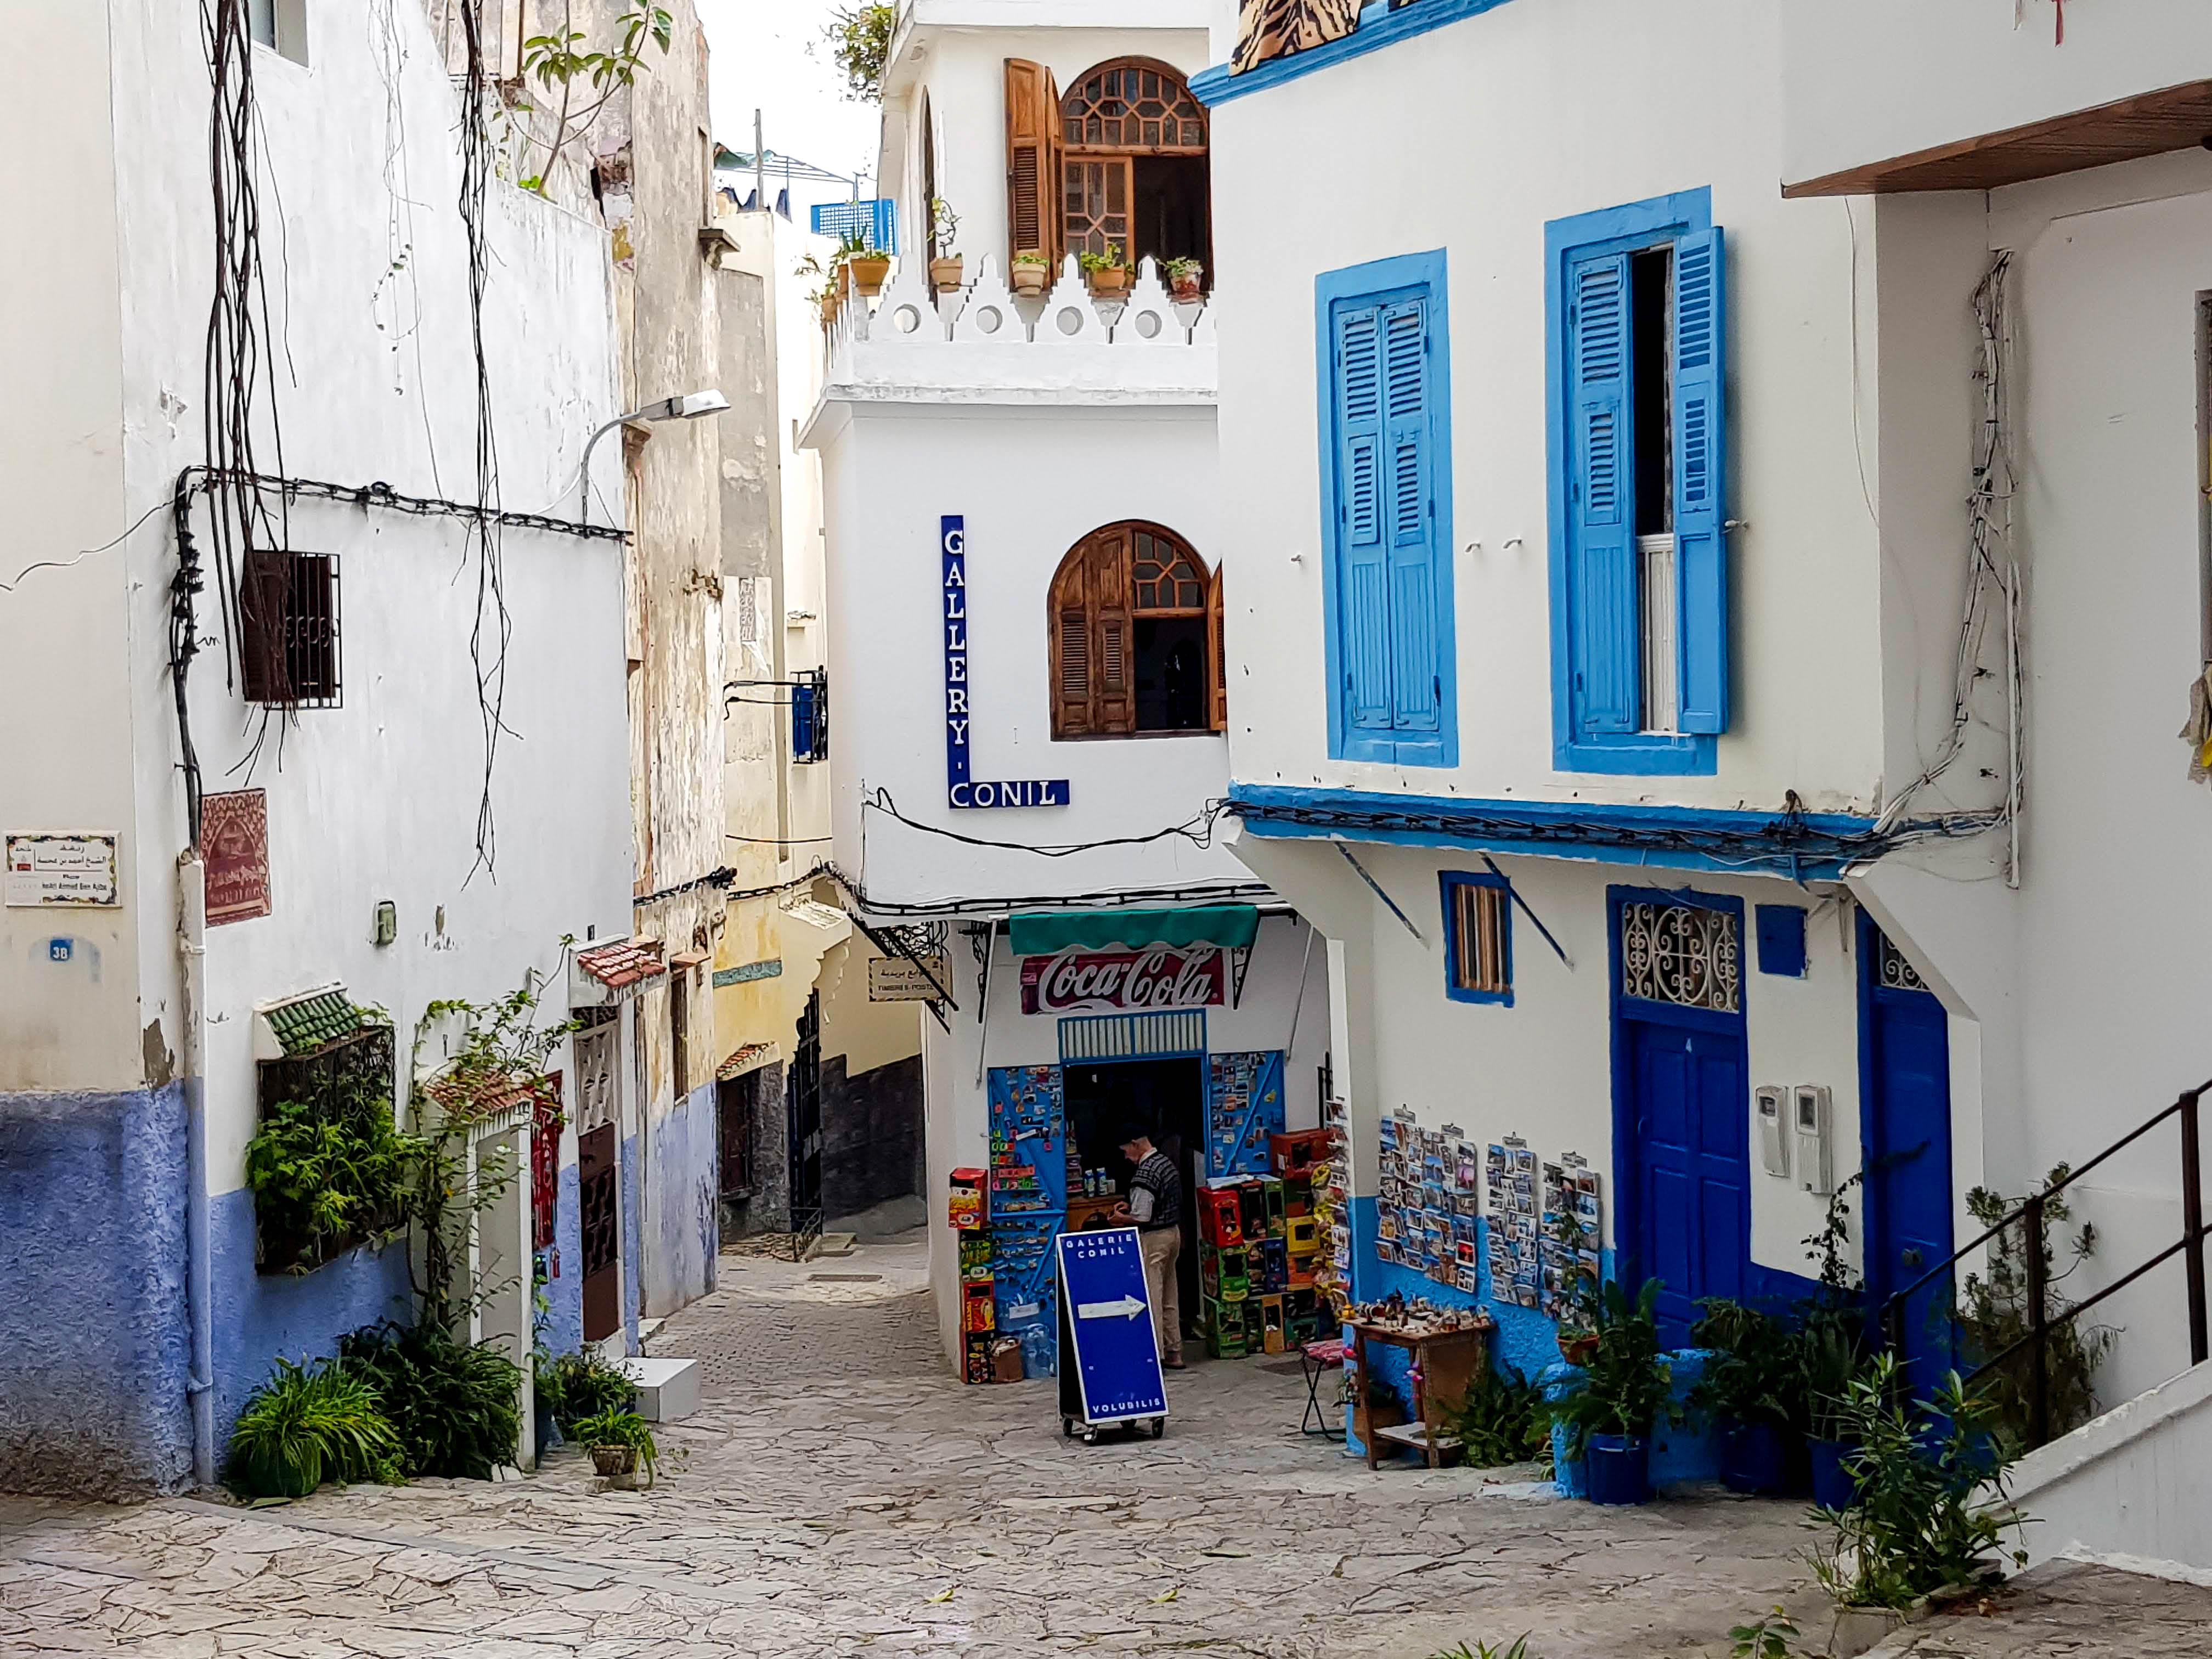 24 Stunden in Tanger, Marokko | Rapunzel will raus